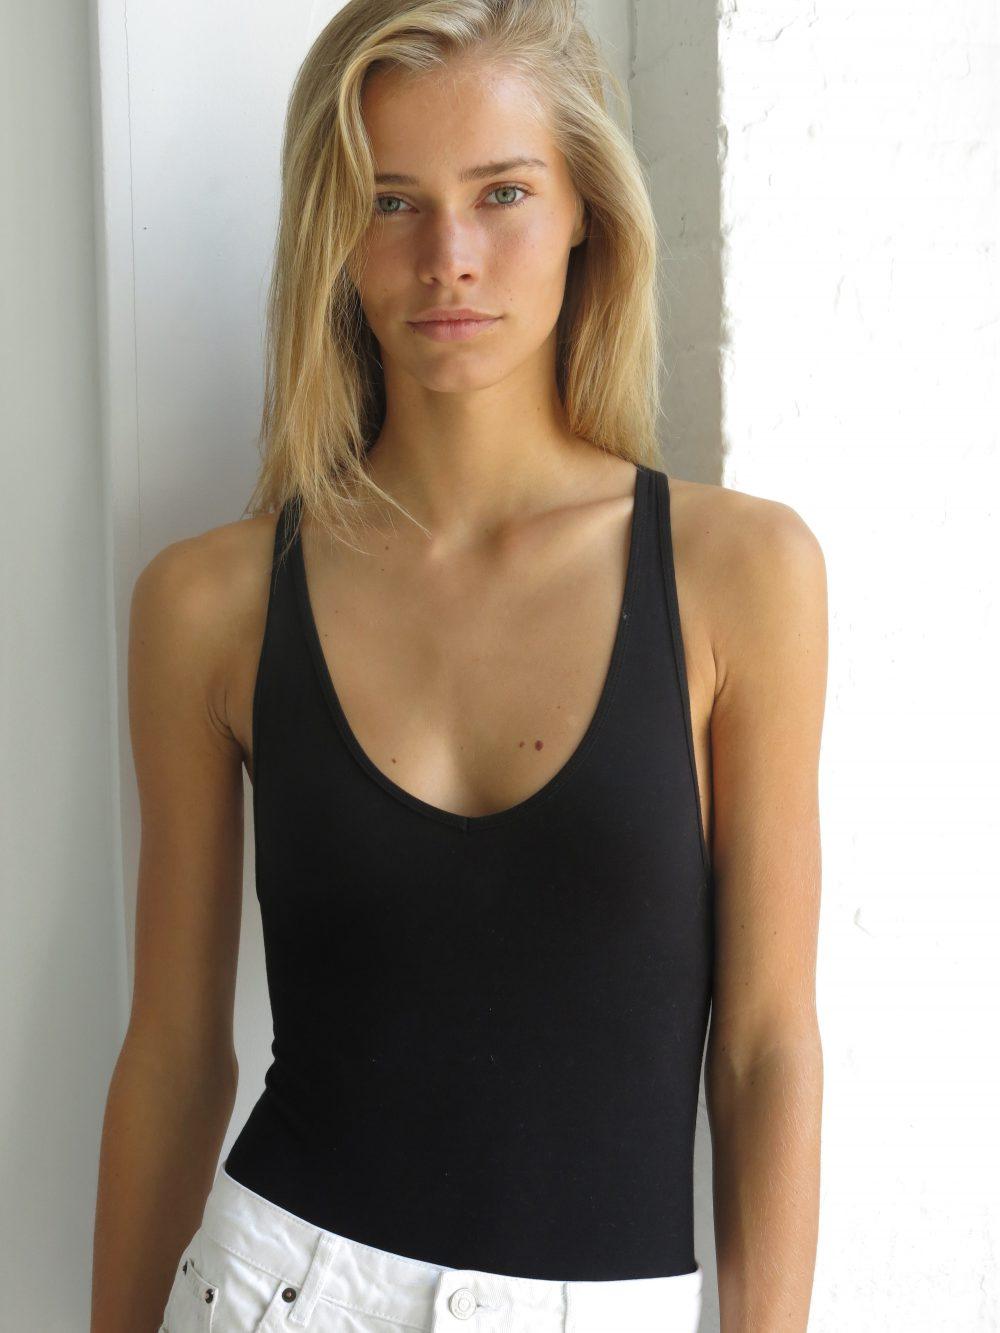 Kirstin Liljegren Nude Photos 85